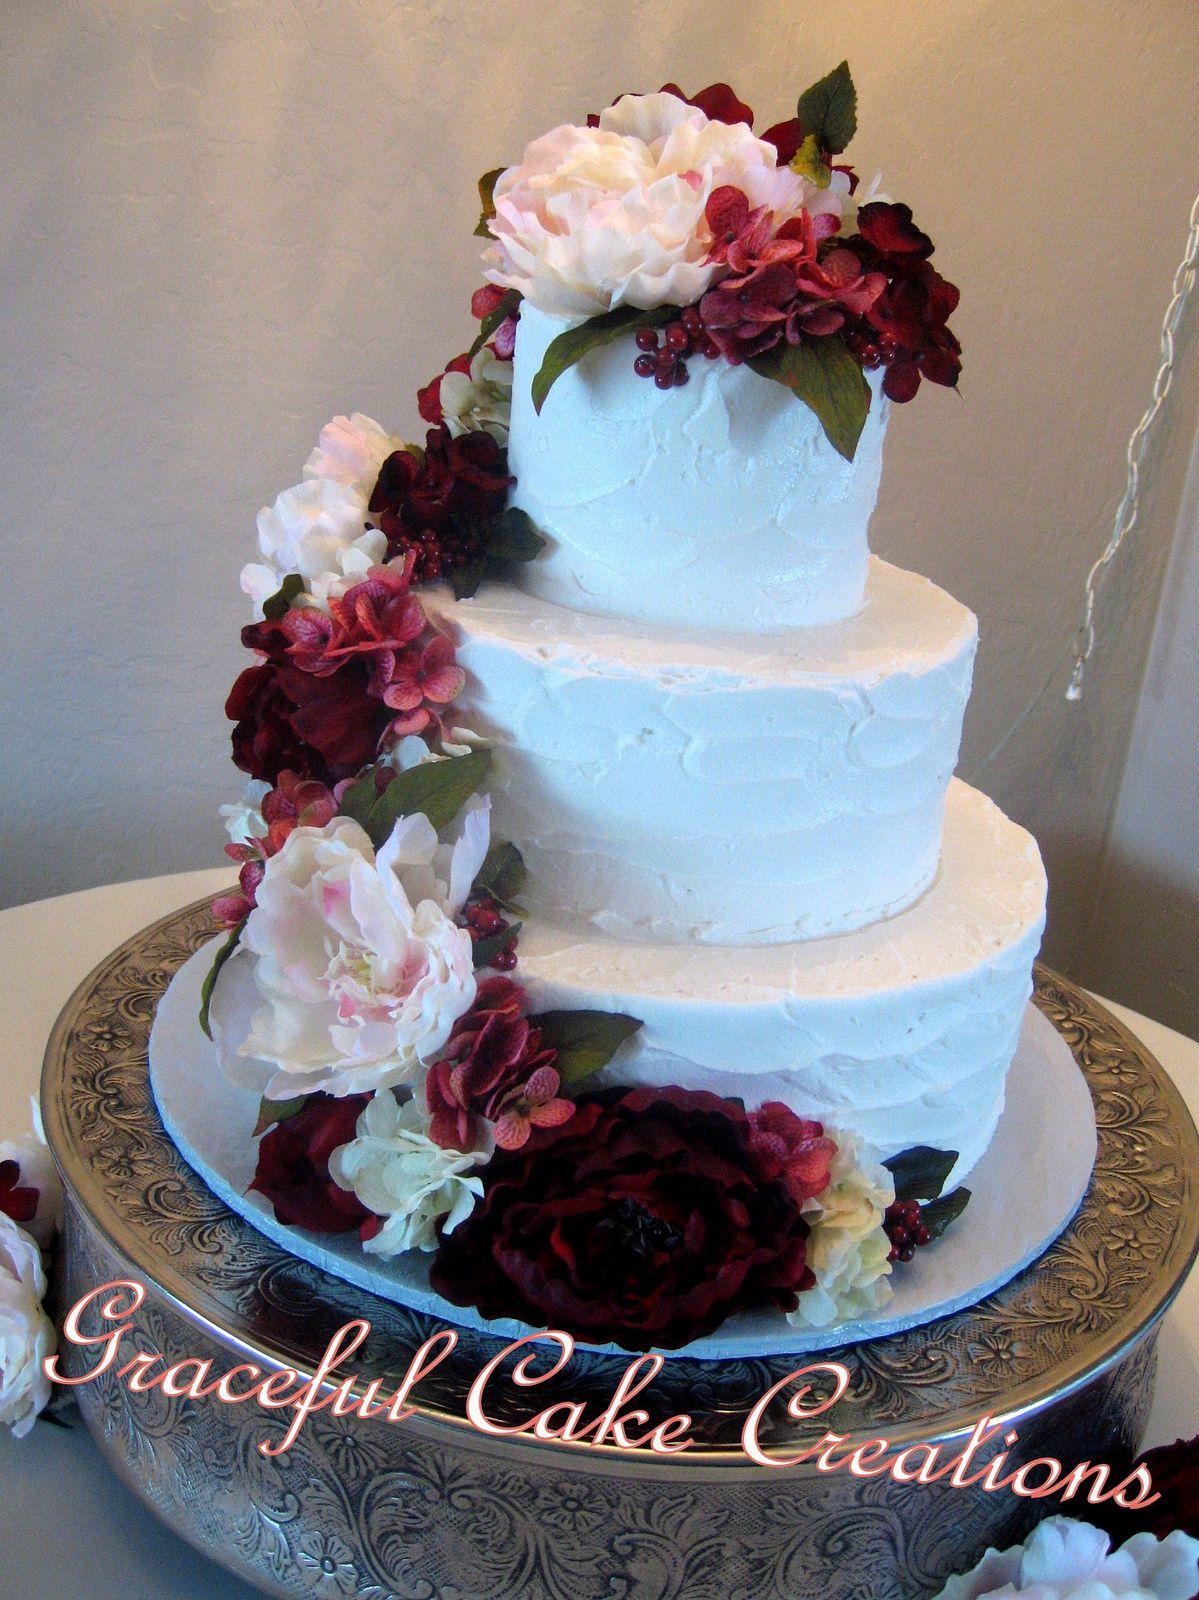 Https Flic Kr P Wkhtid Elegant Textured Er Cream